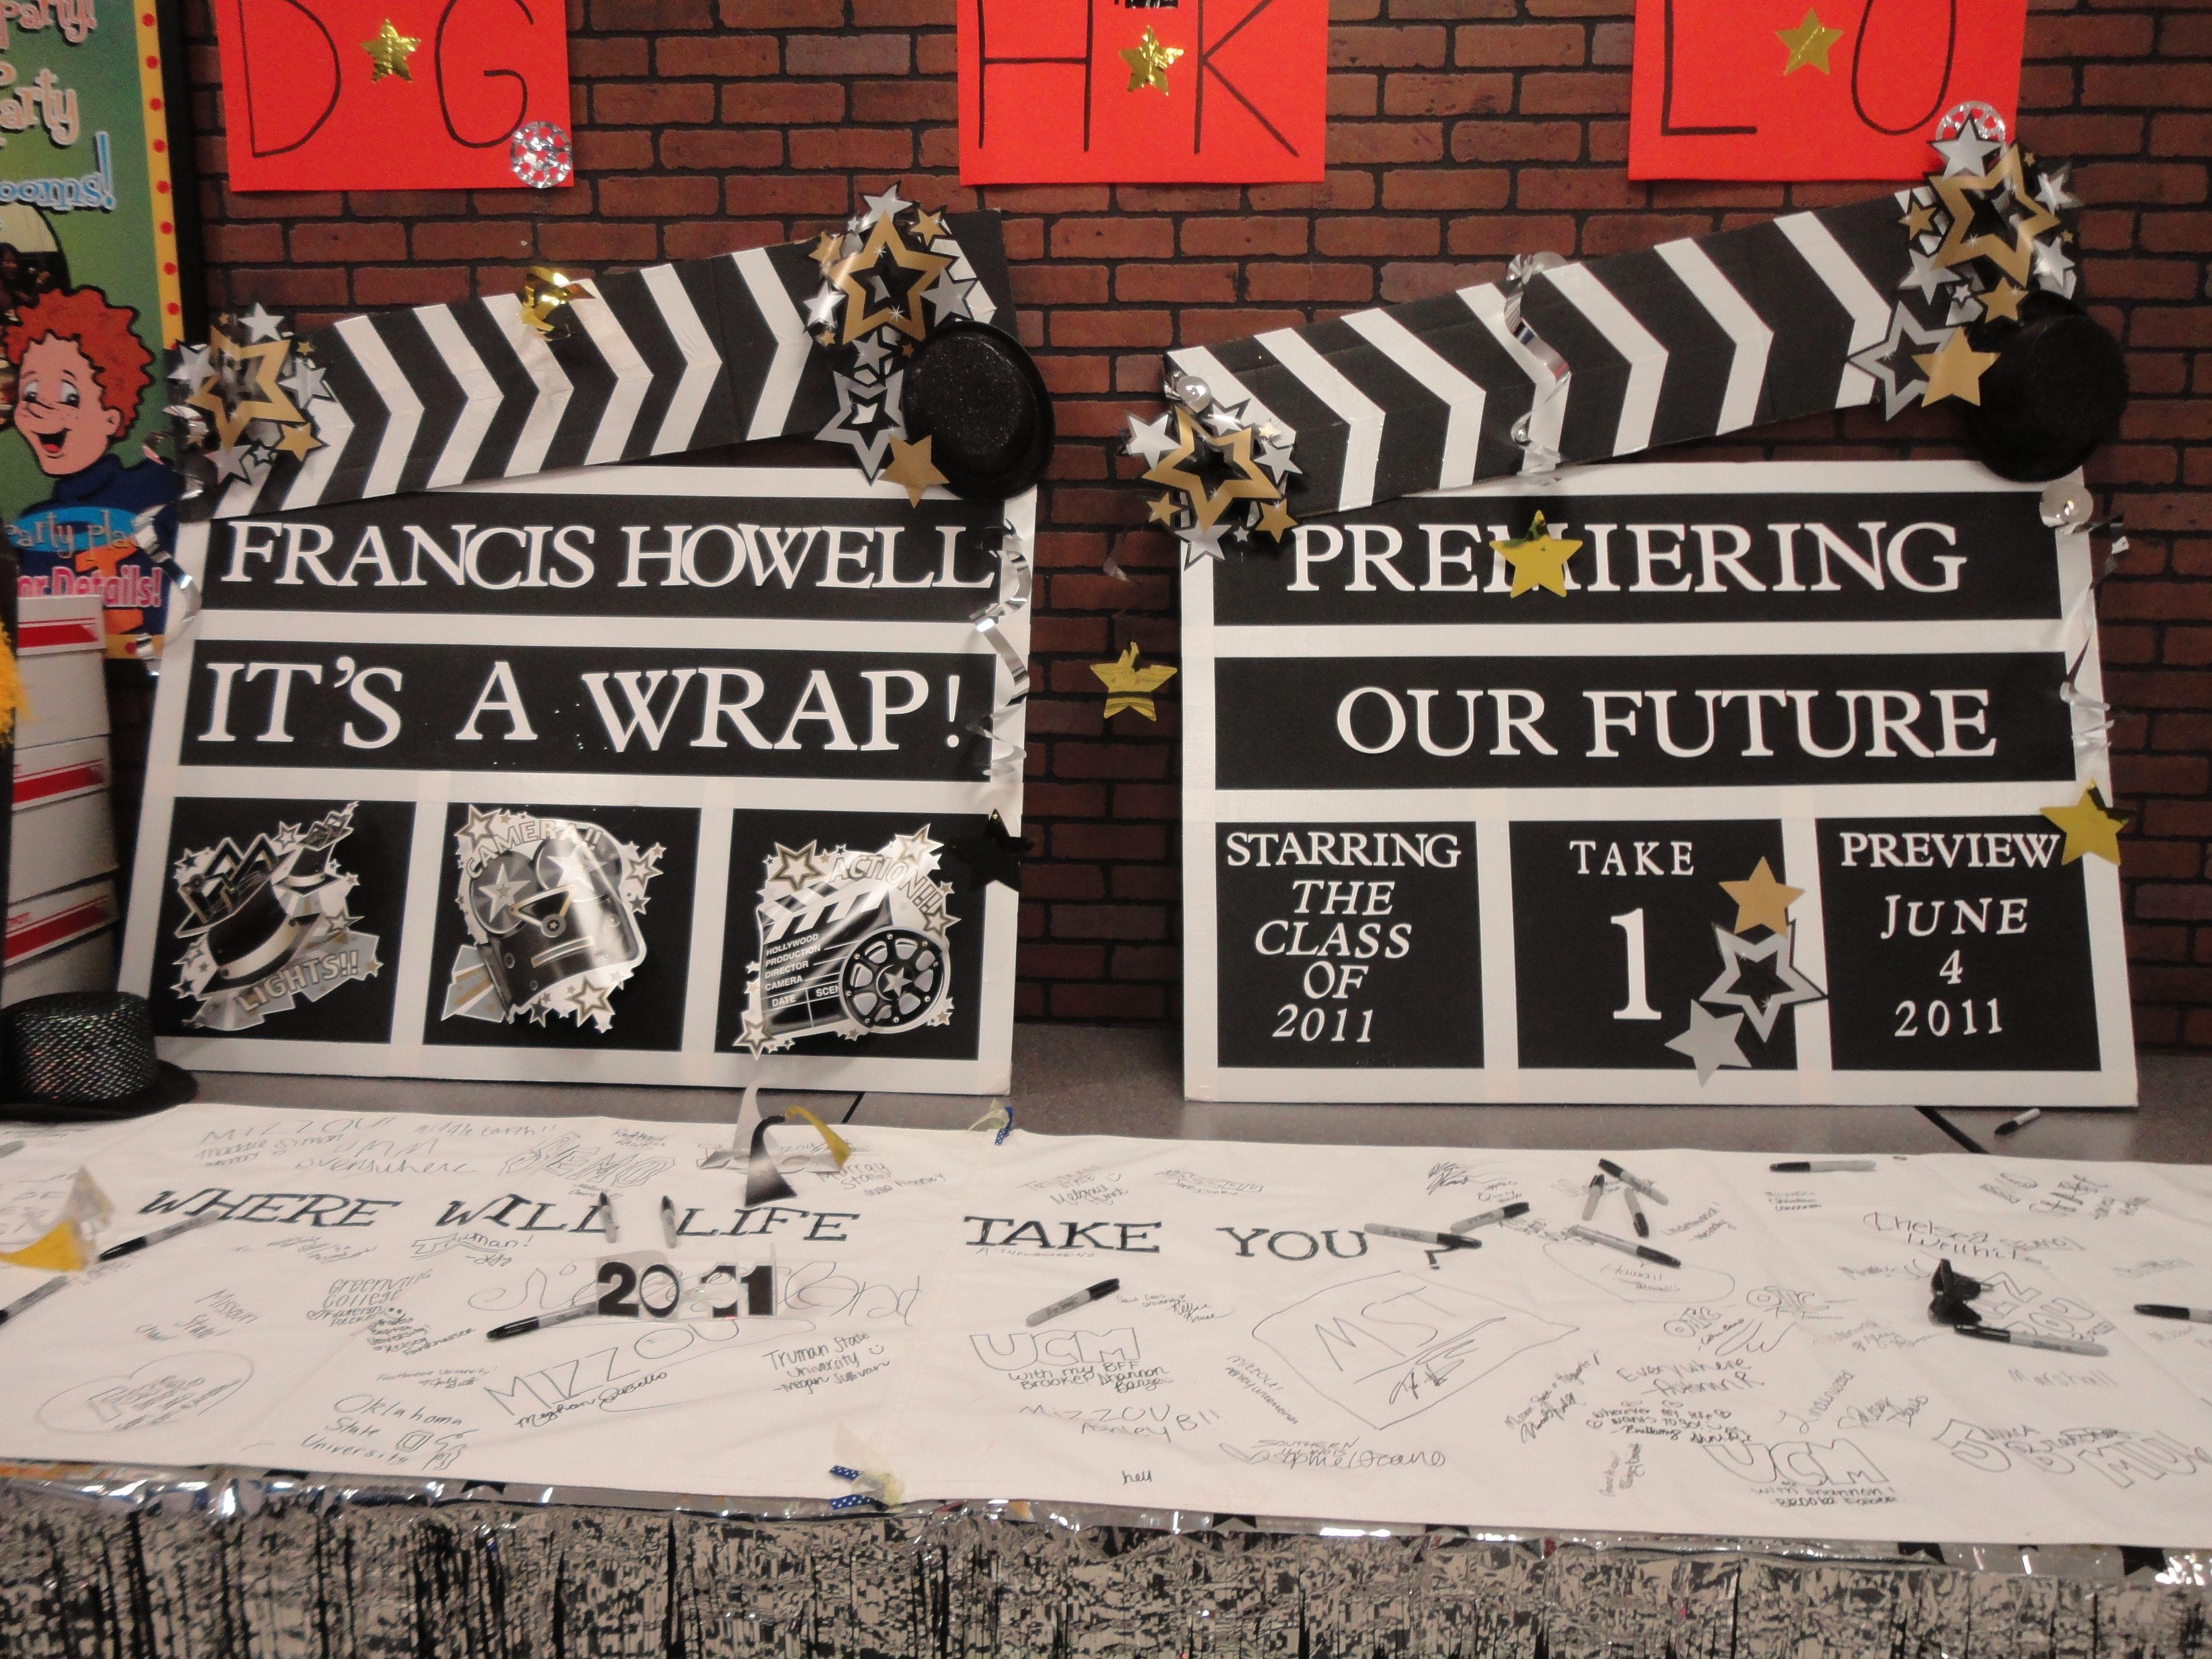 Senior Night Theme Premiering Our Future! (Hollywood